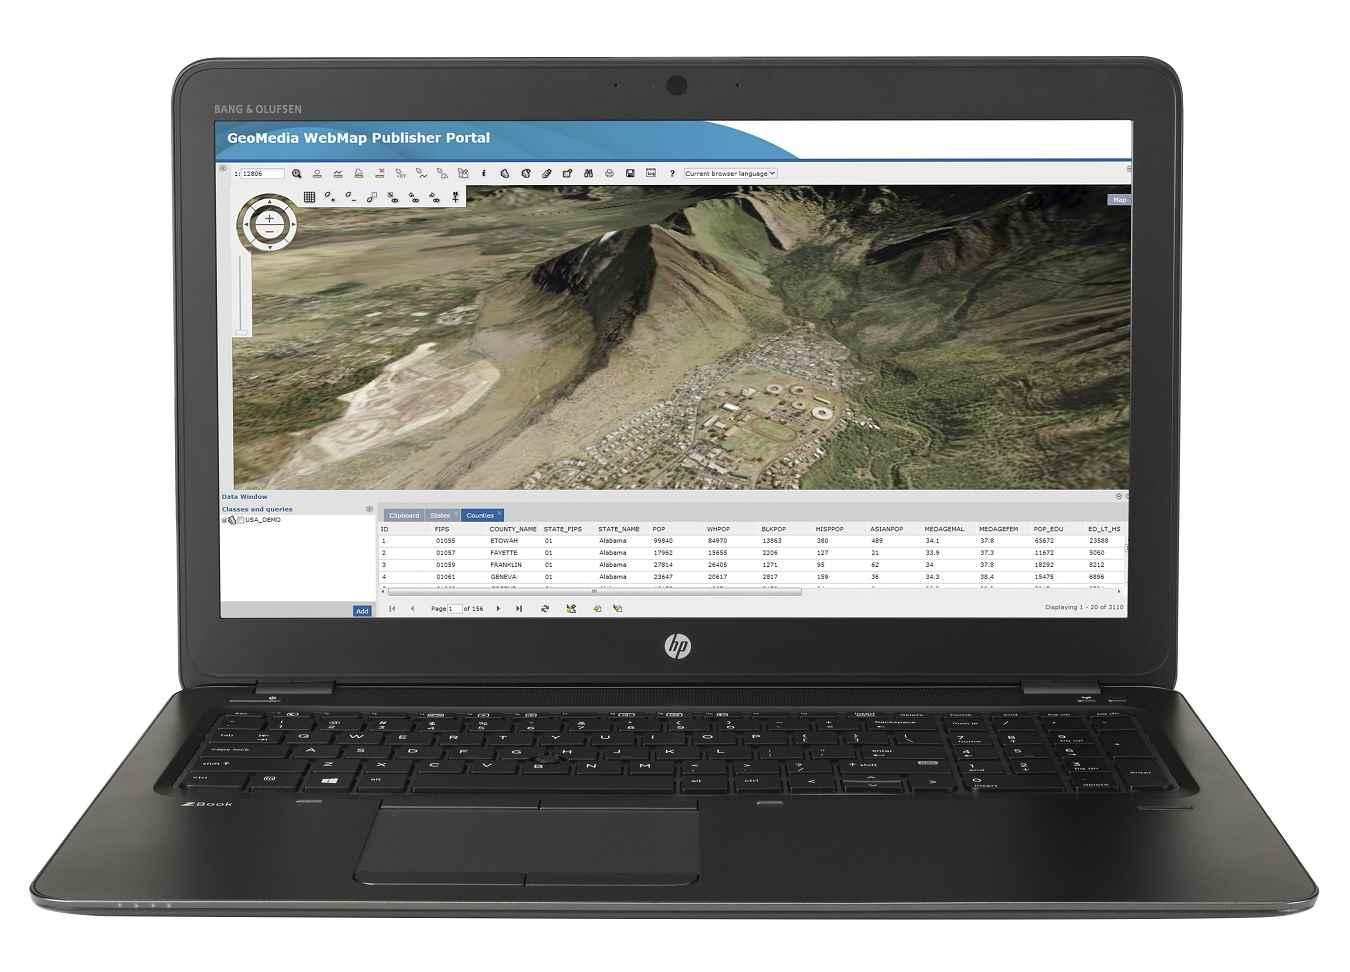 اچ پی / لپ تاپ استوک اچ پی مدل HP ZBOOK 15U G3